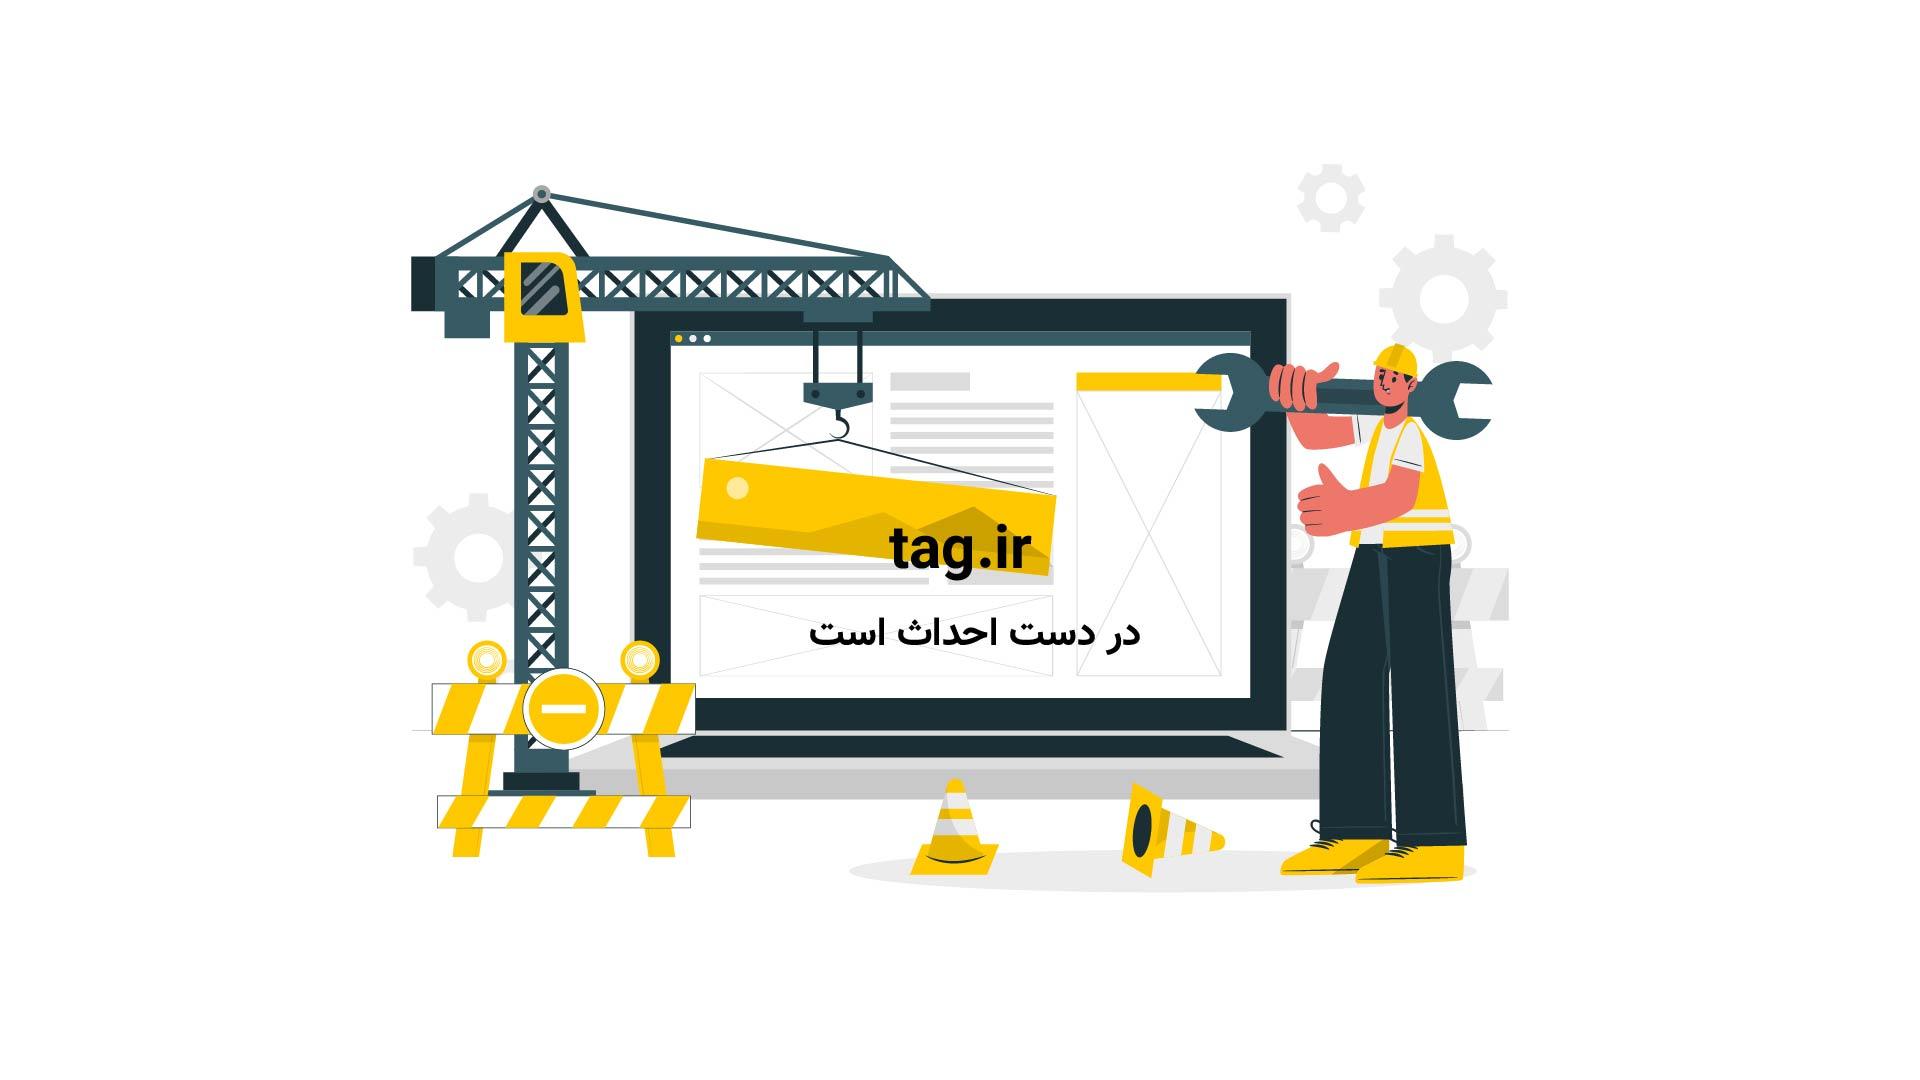 نقاشی کانگورو